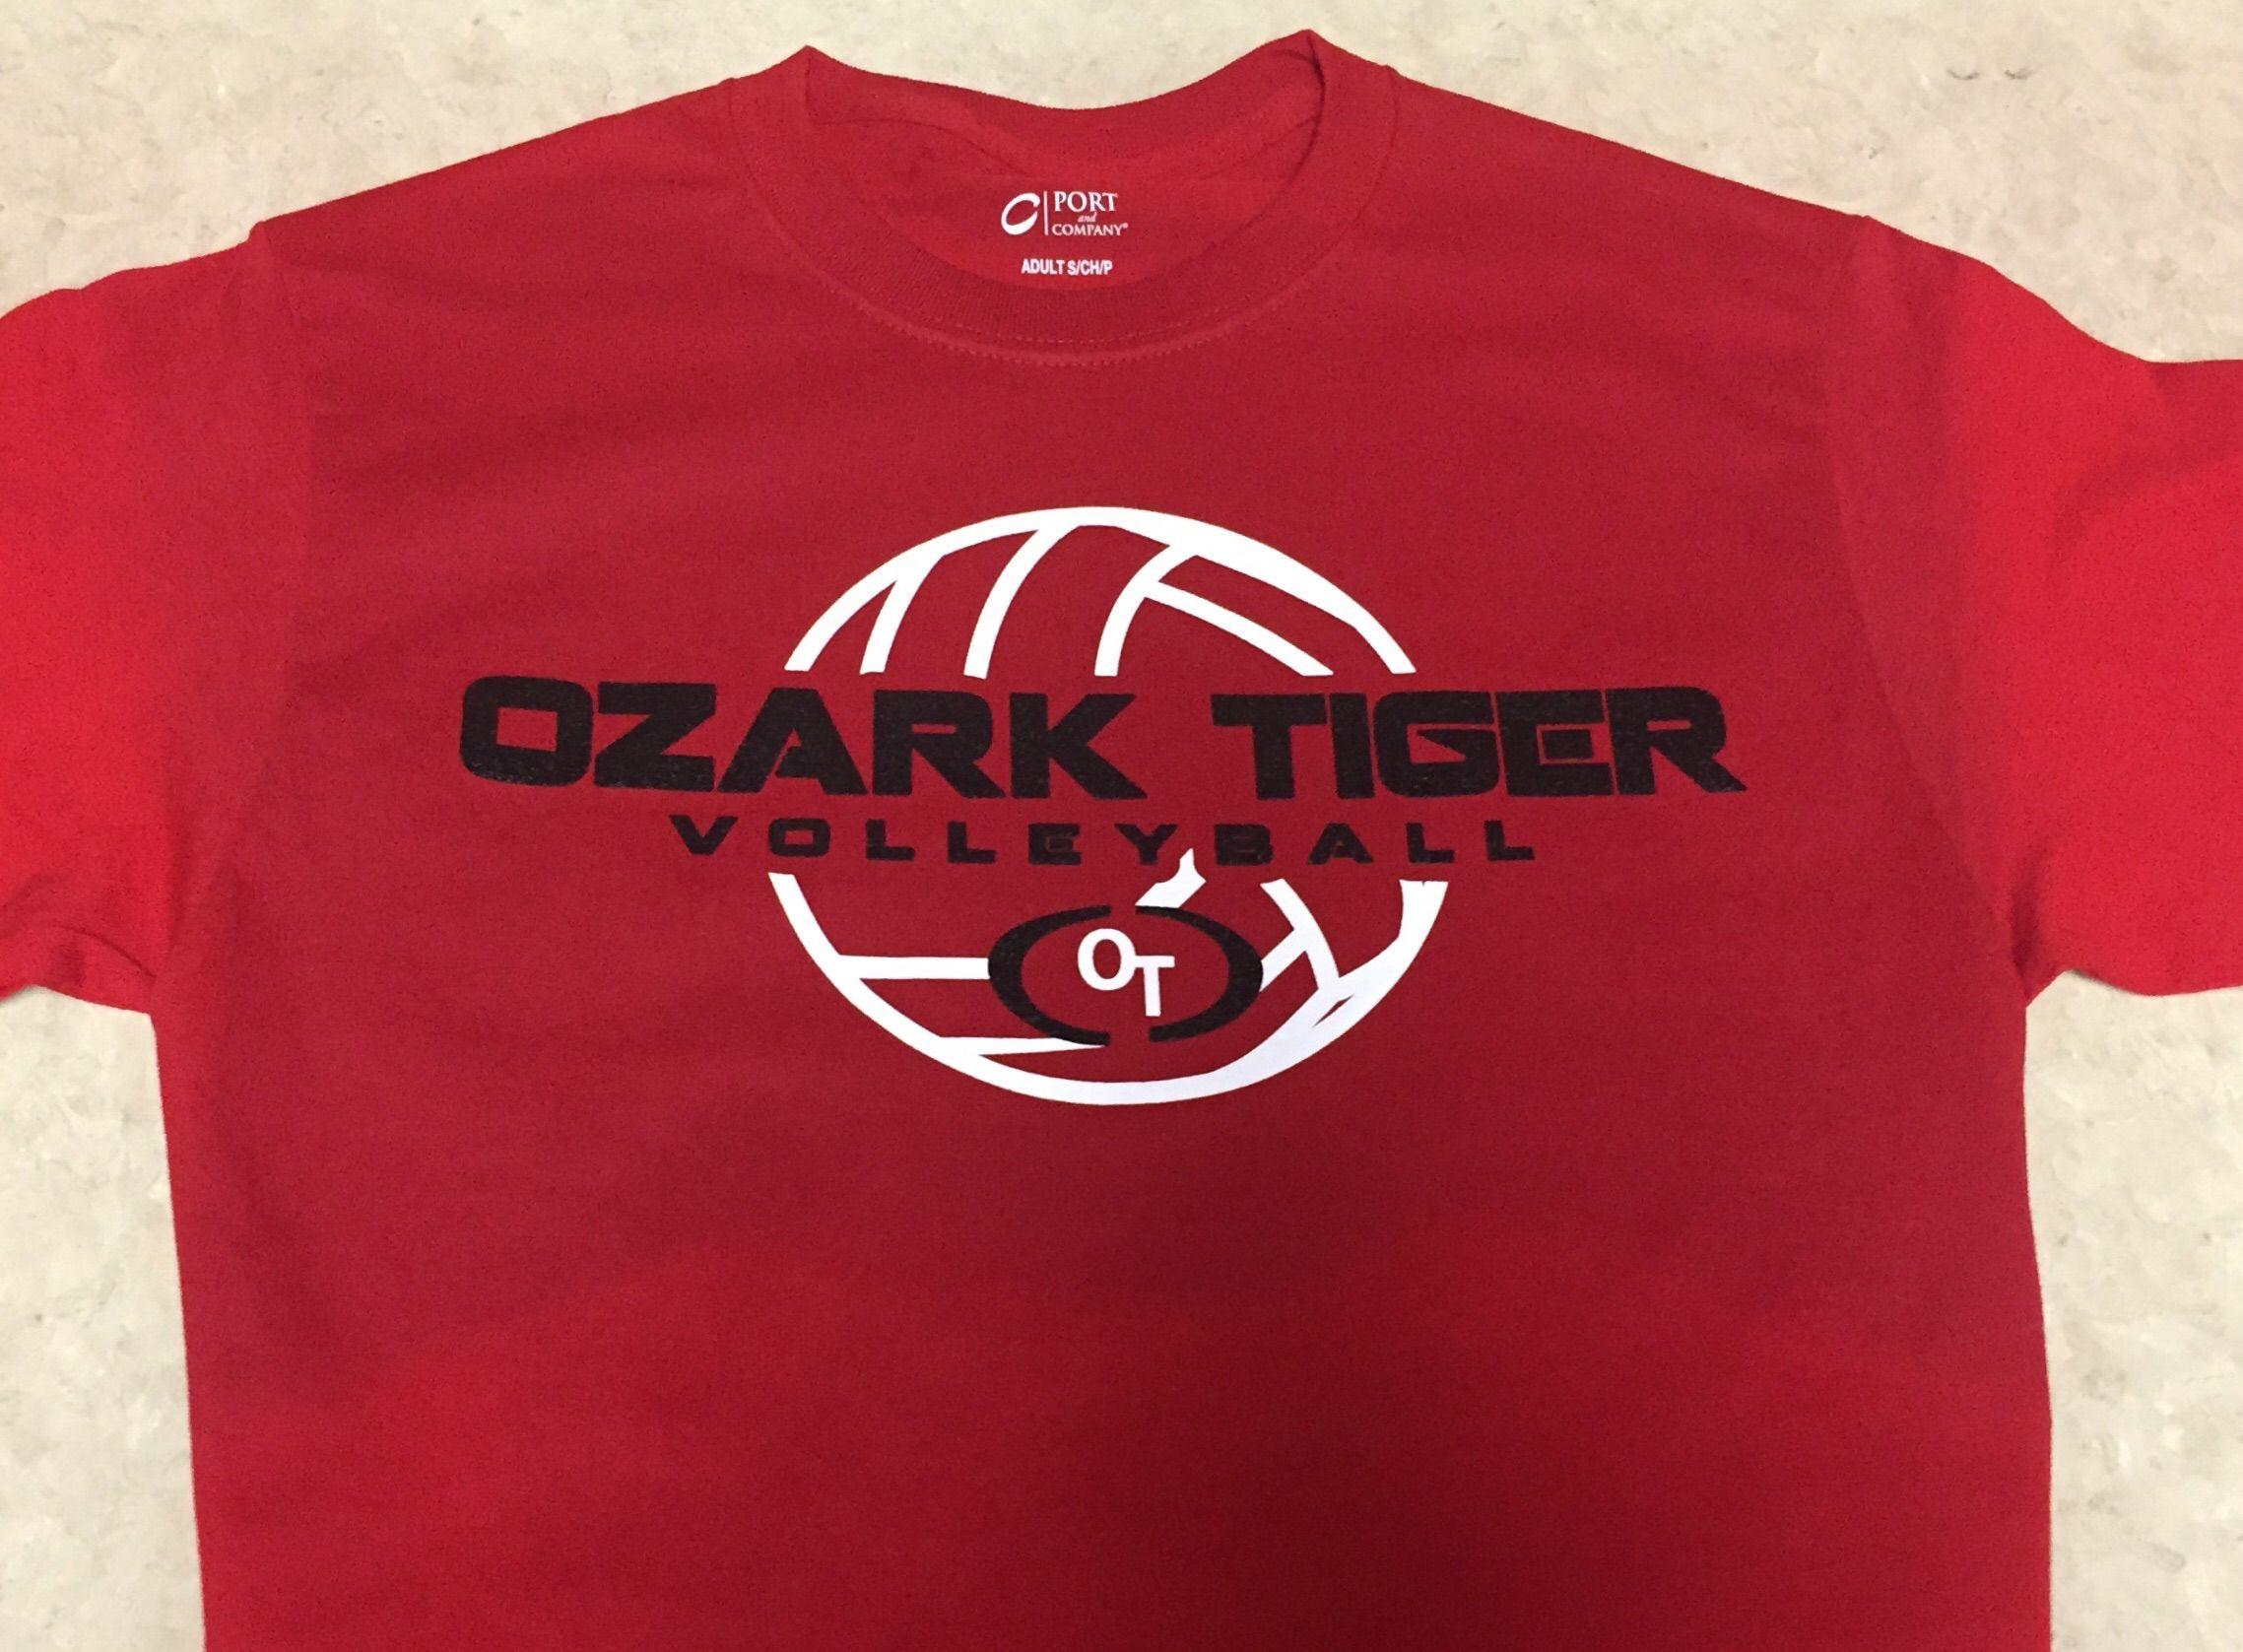 Ozark Tiger Volleyball Ozark Mens Tops Mens Tshirts